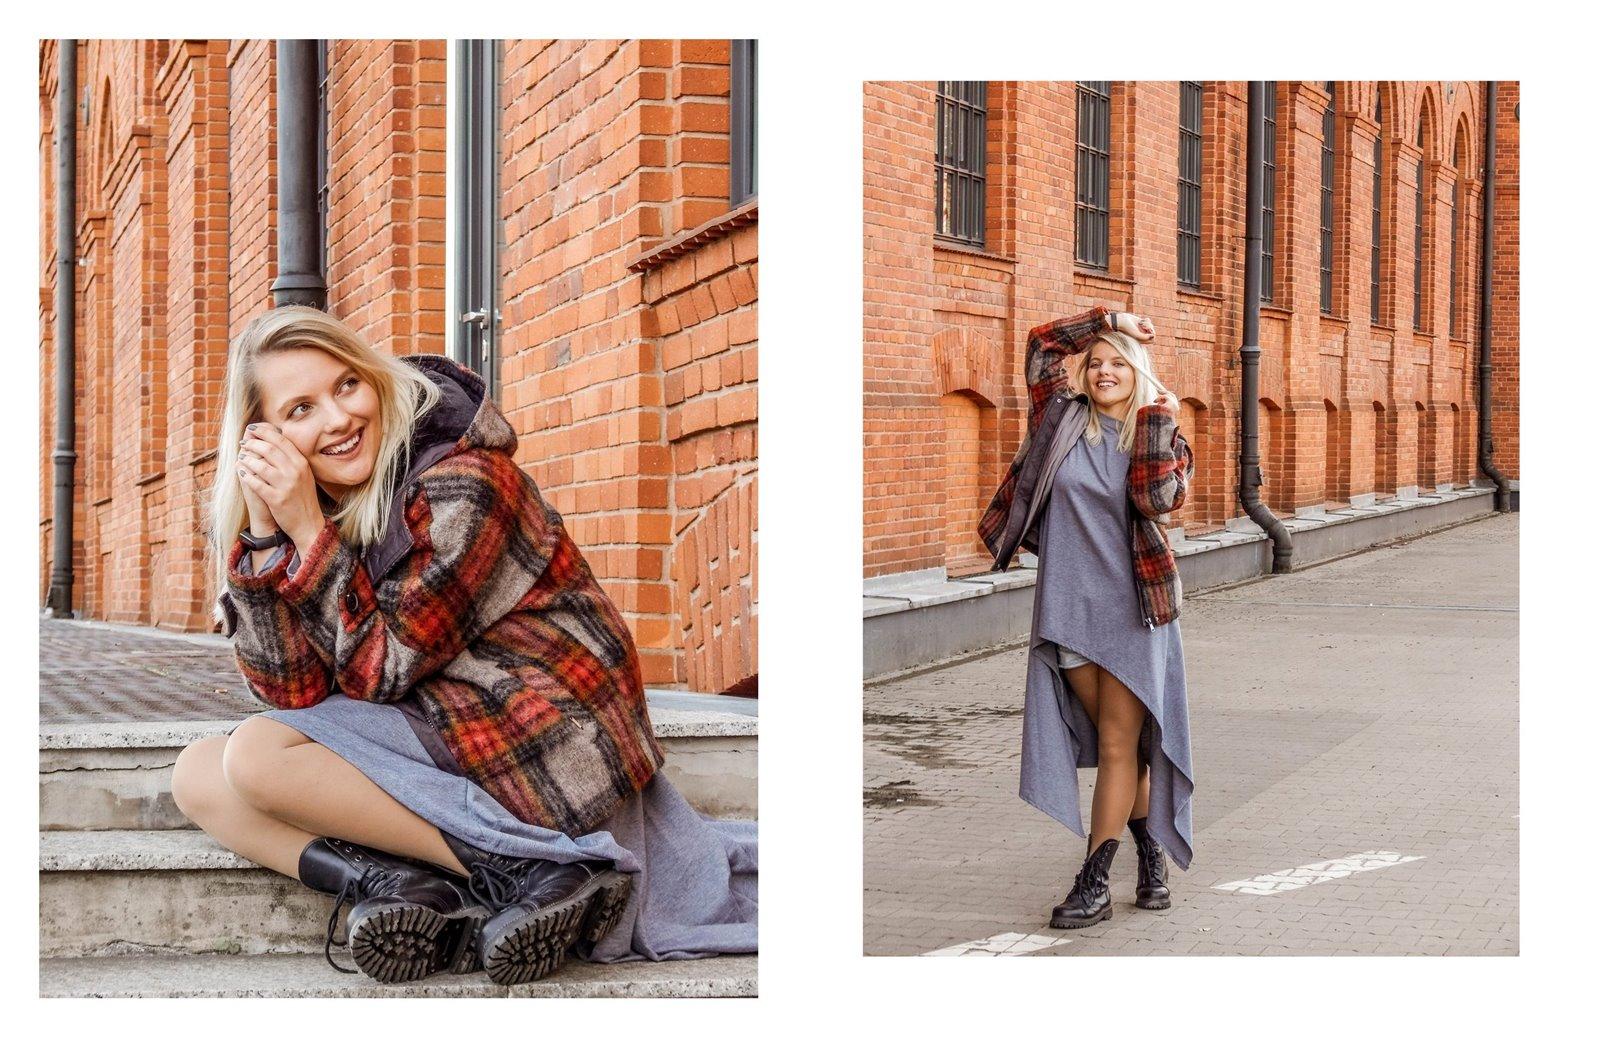 11a płaszcz - ubranie, moda polska, hot moda, moda damska jesień 2018, moda for you, net moda, blog, blogerki fashion łódź anataka kurtka w kratkę ciepła kurtka stylizacje w co się ubrać eleganckie kurtki blondynka